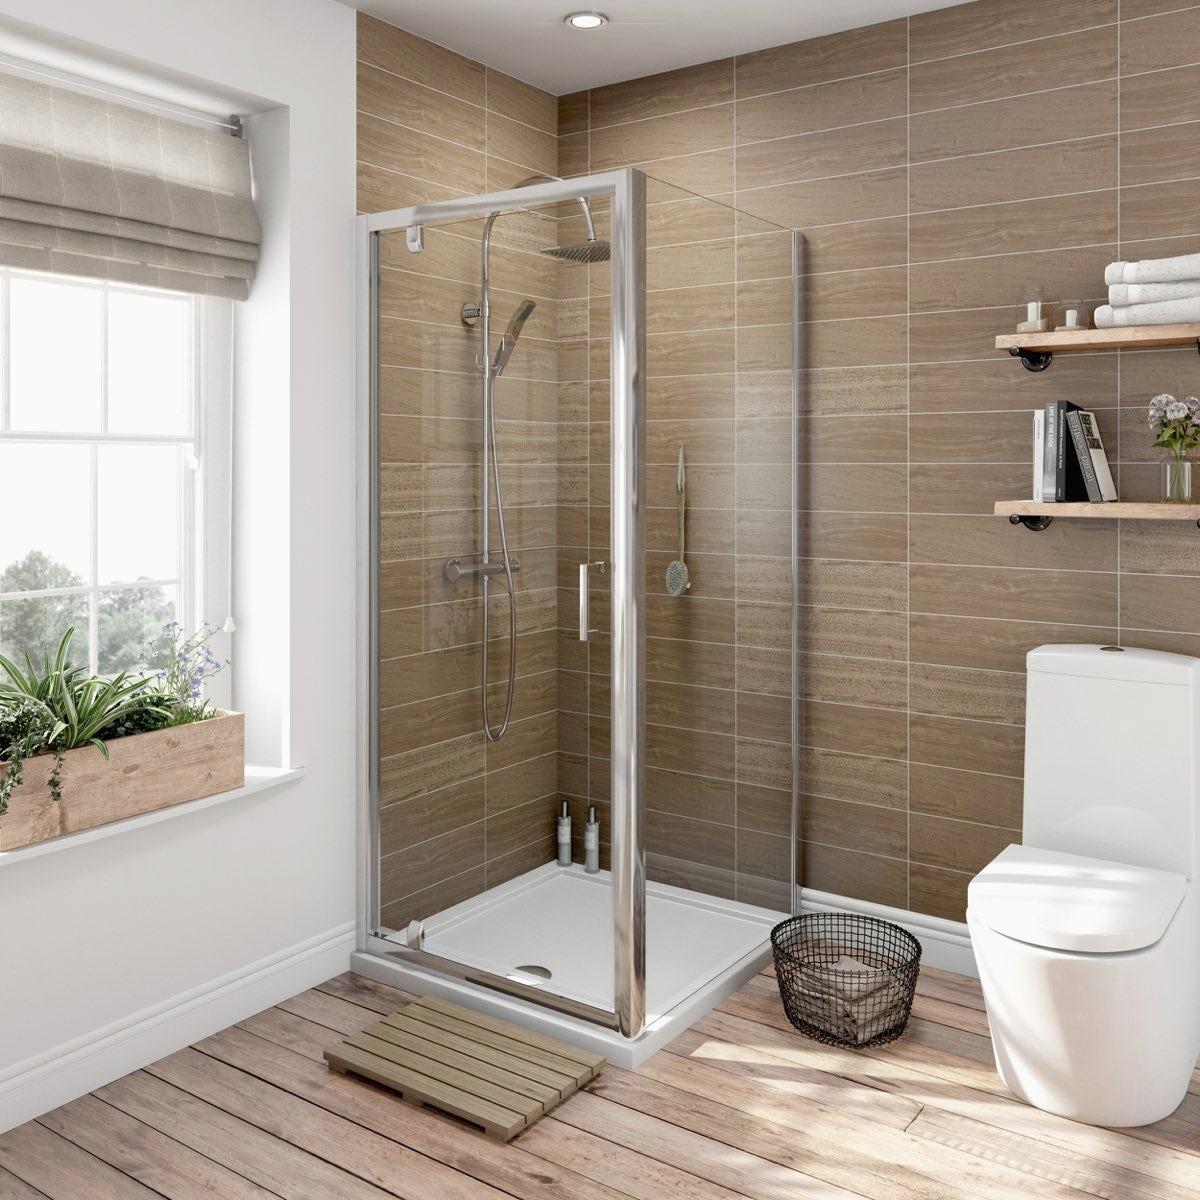 orchard 6mm pivot door rectangular shower enclosure offer. Black Bedroom Furniture Sets. Home Design Ideas